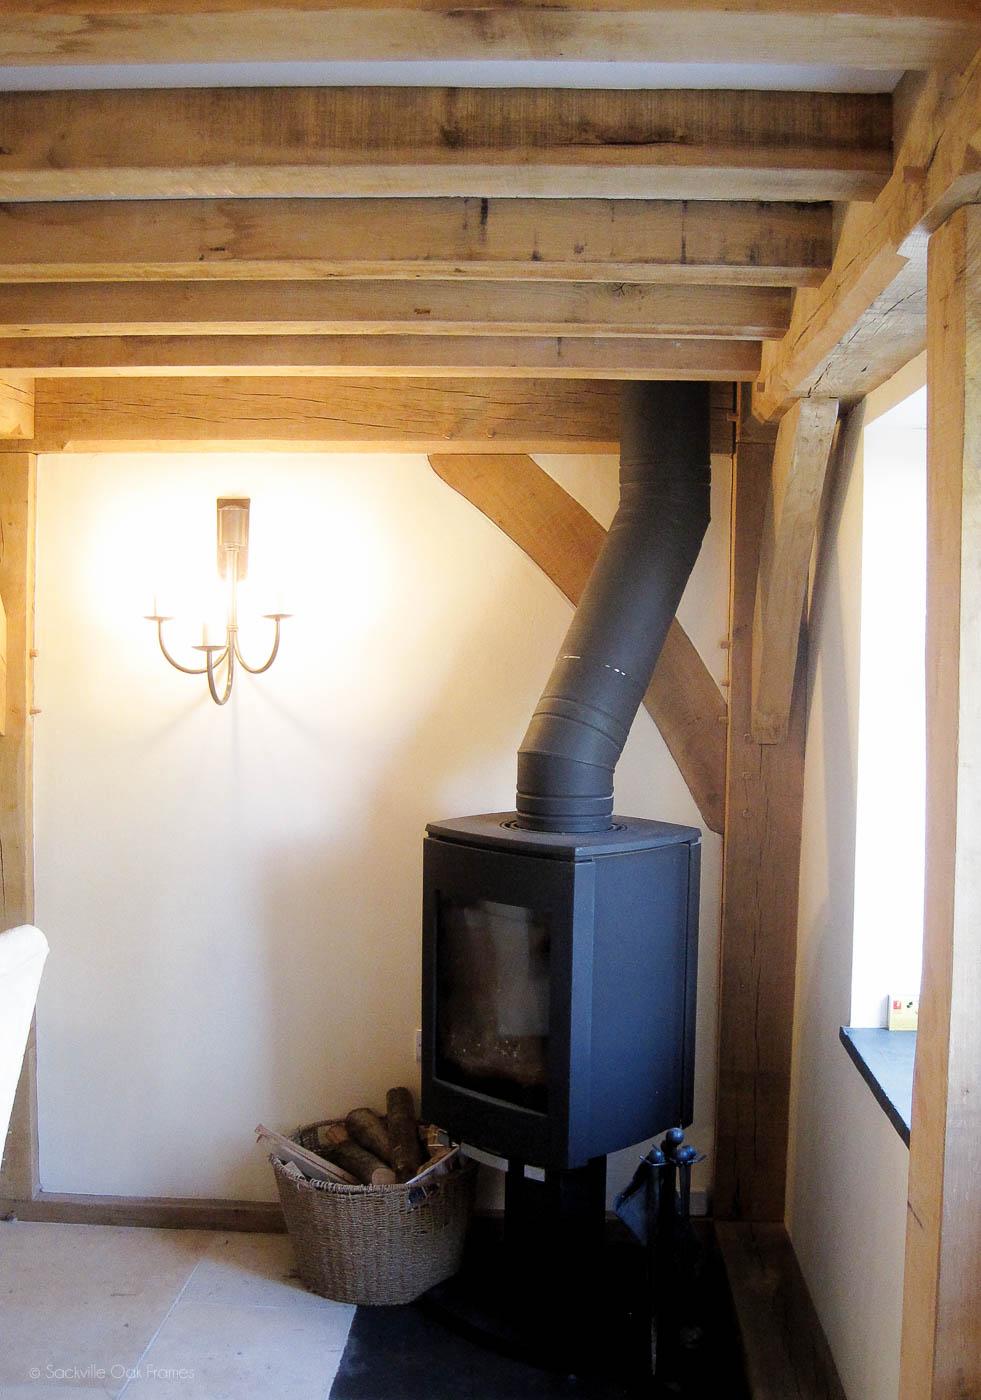 Sackville Oak Frames - Oak Framed Houses and New Builds